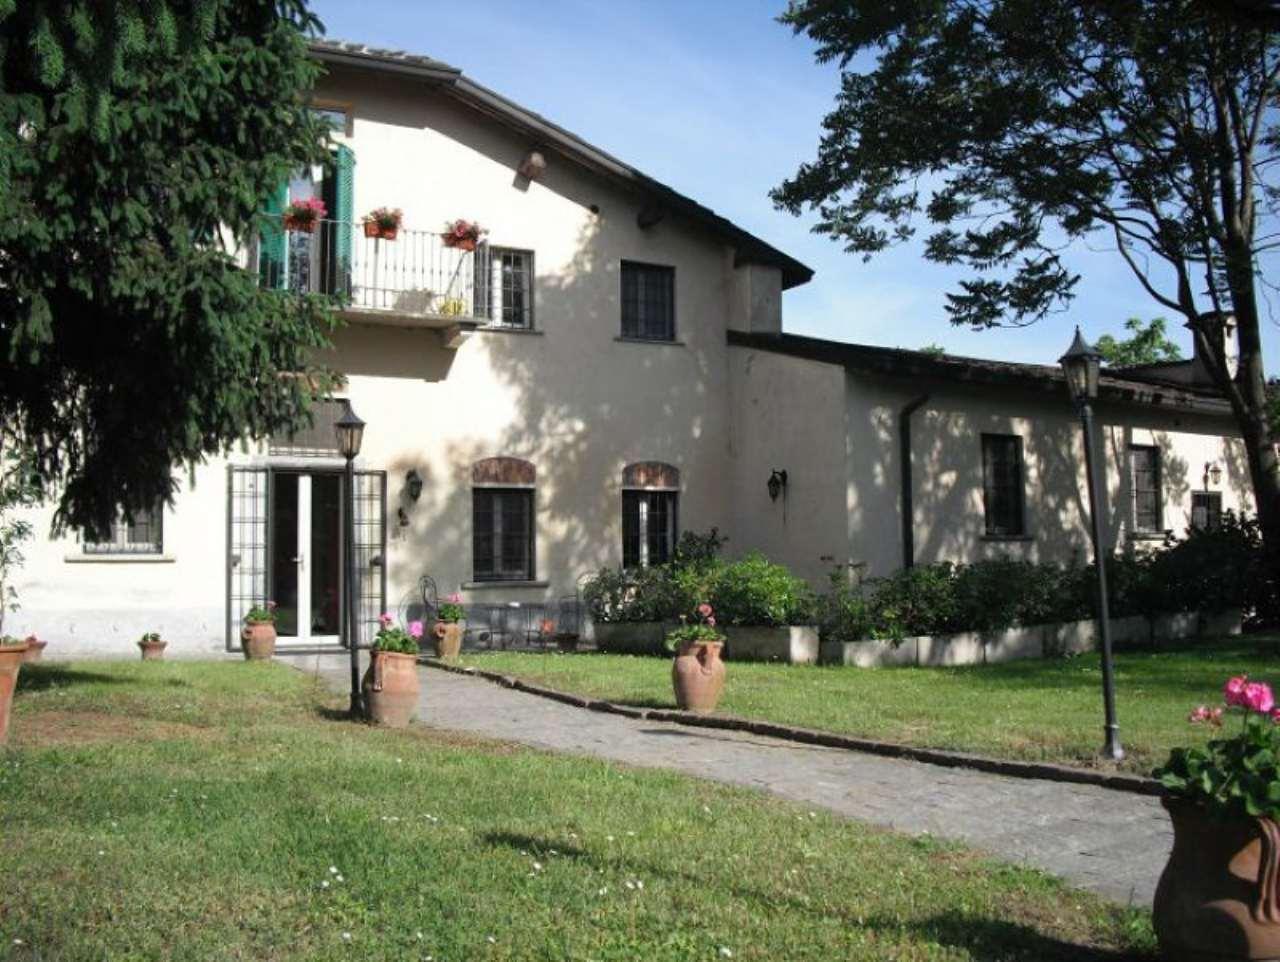 Rustico / Casale in affitto a Montanaso Lombardo, 9 locali, prezzo € 2.000   Cambio Casa.it